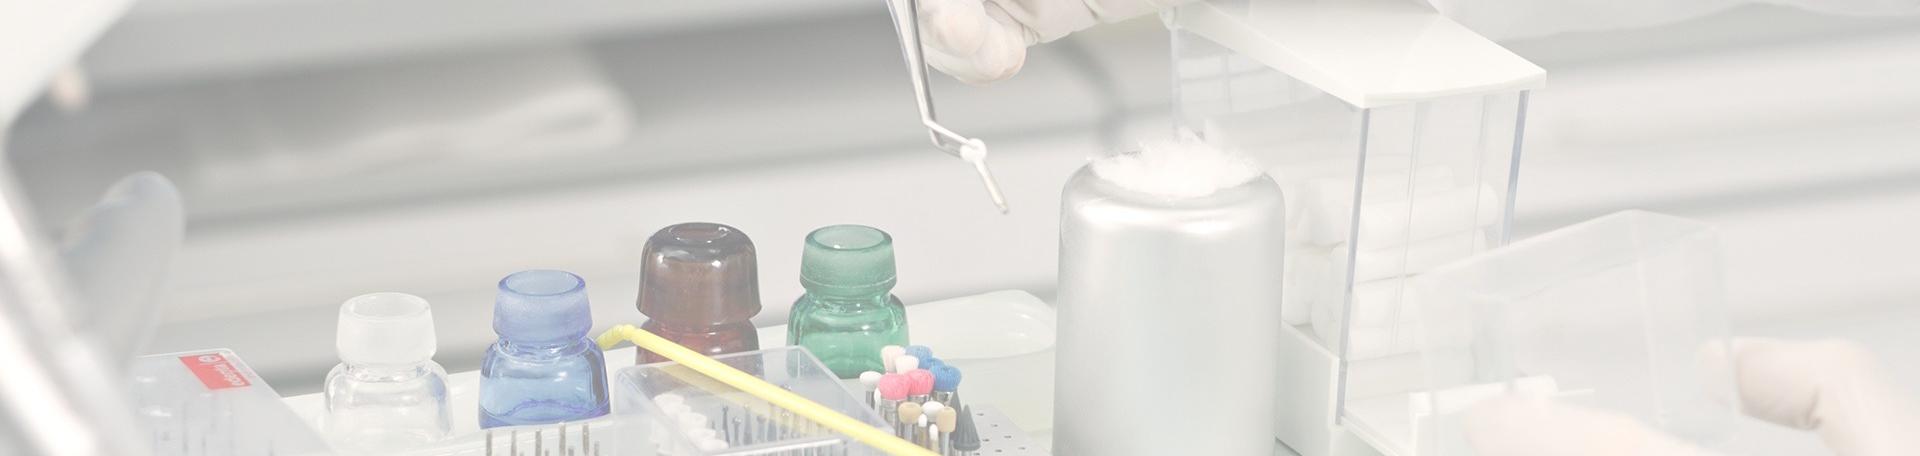 Стоматологічні матеріали <br/> і інструменти